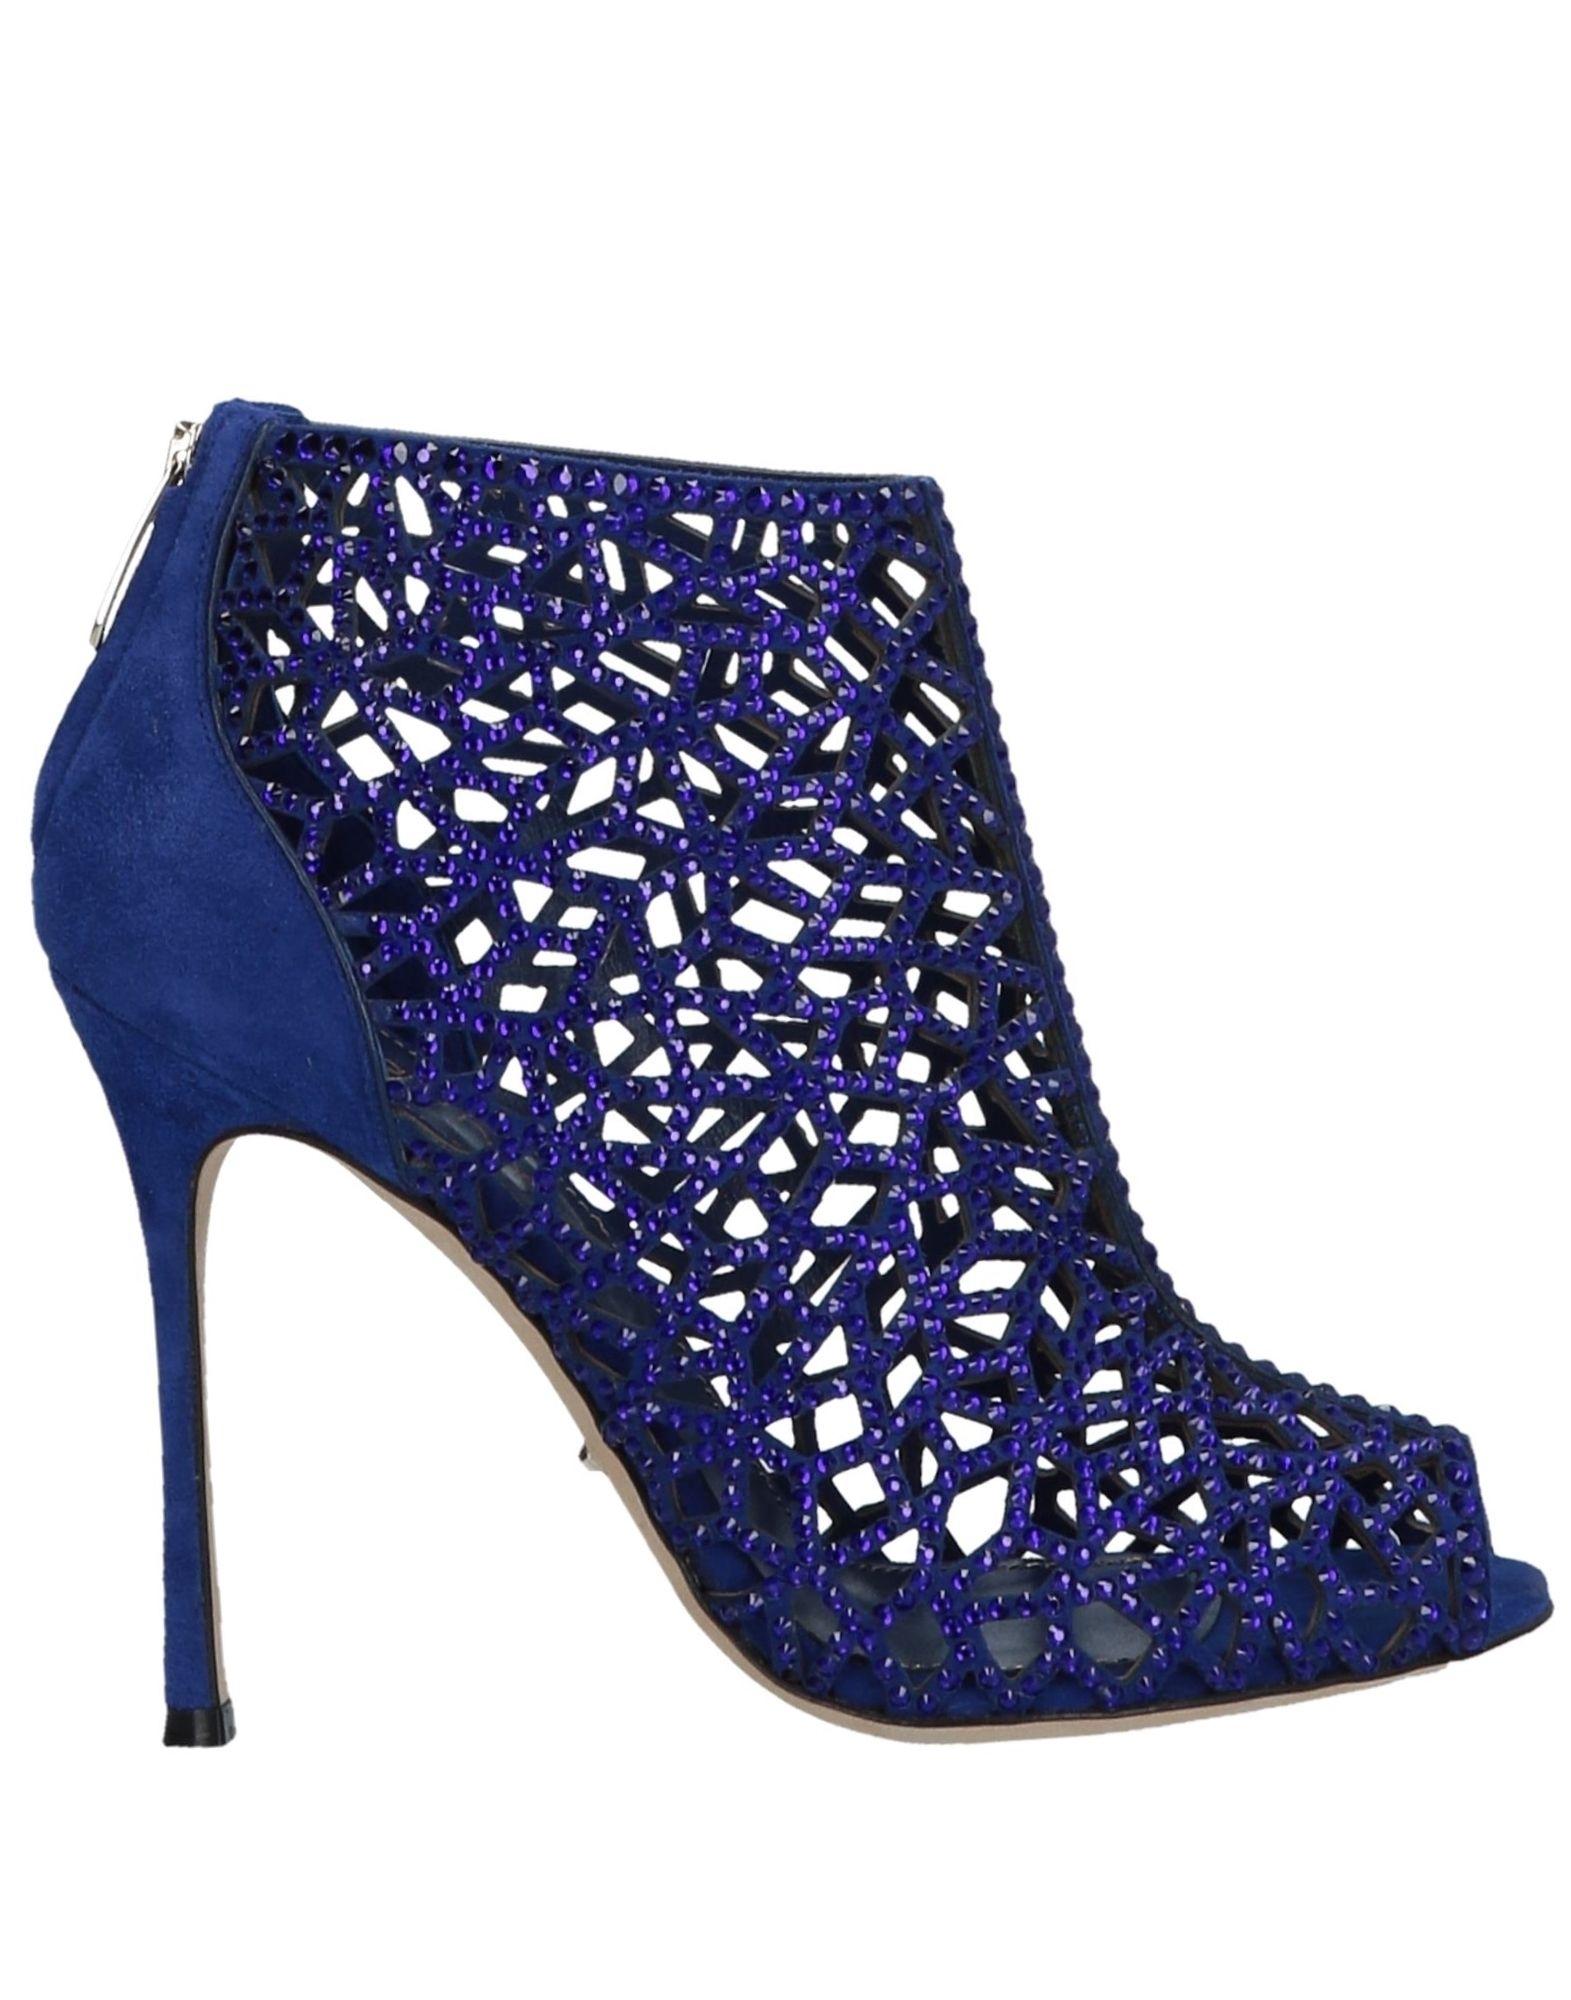 Sergio Rossi Stiefelette Damen  11355555DWGünstige gut aussehende Schuhe